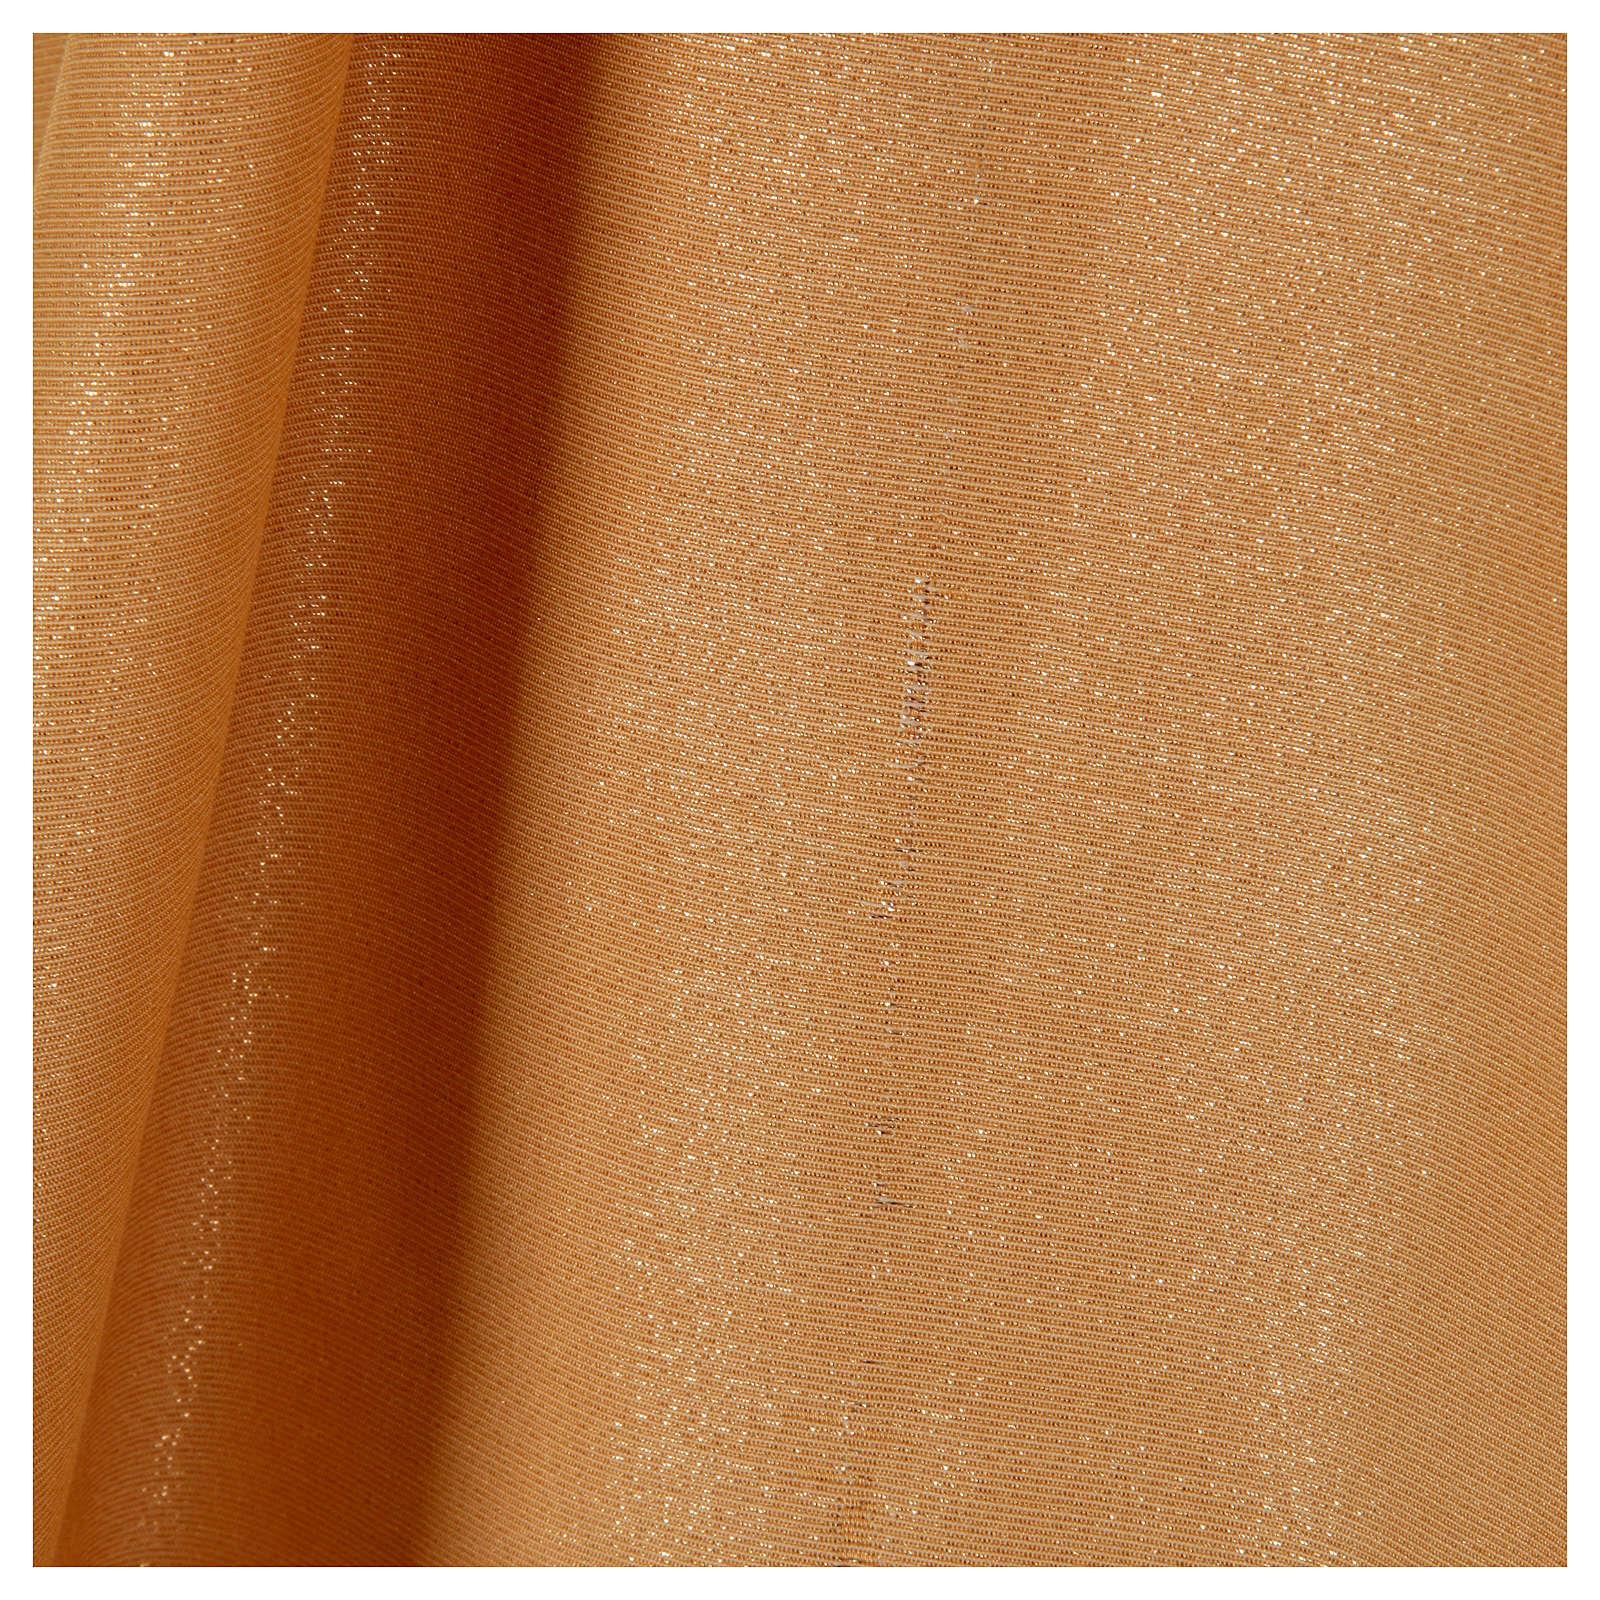 STOCK Casula dorata tessuto oro faille di mezza lana PICCOLO DIFETTO 4